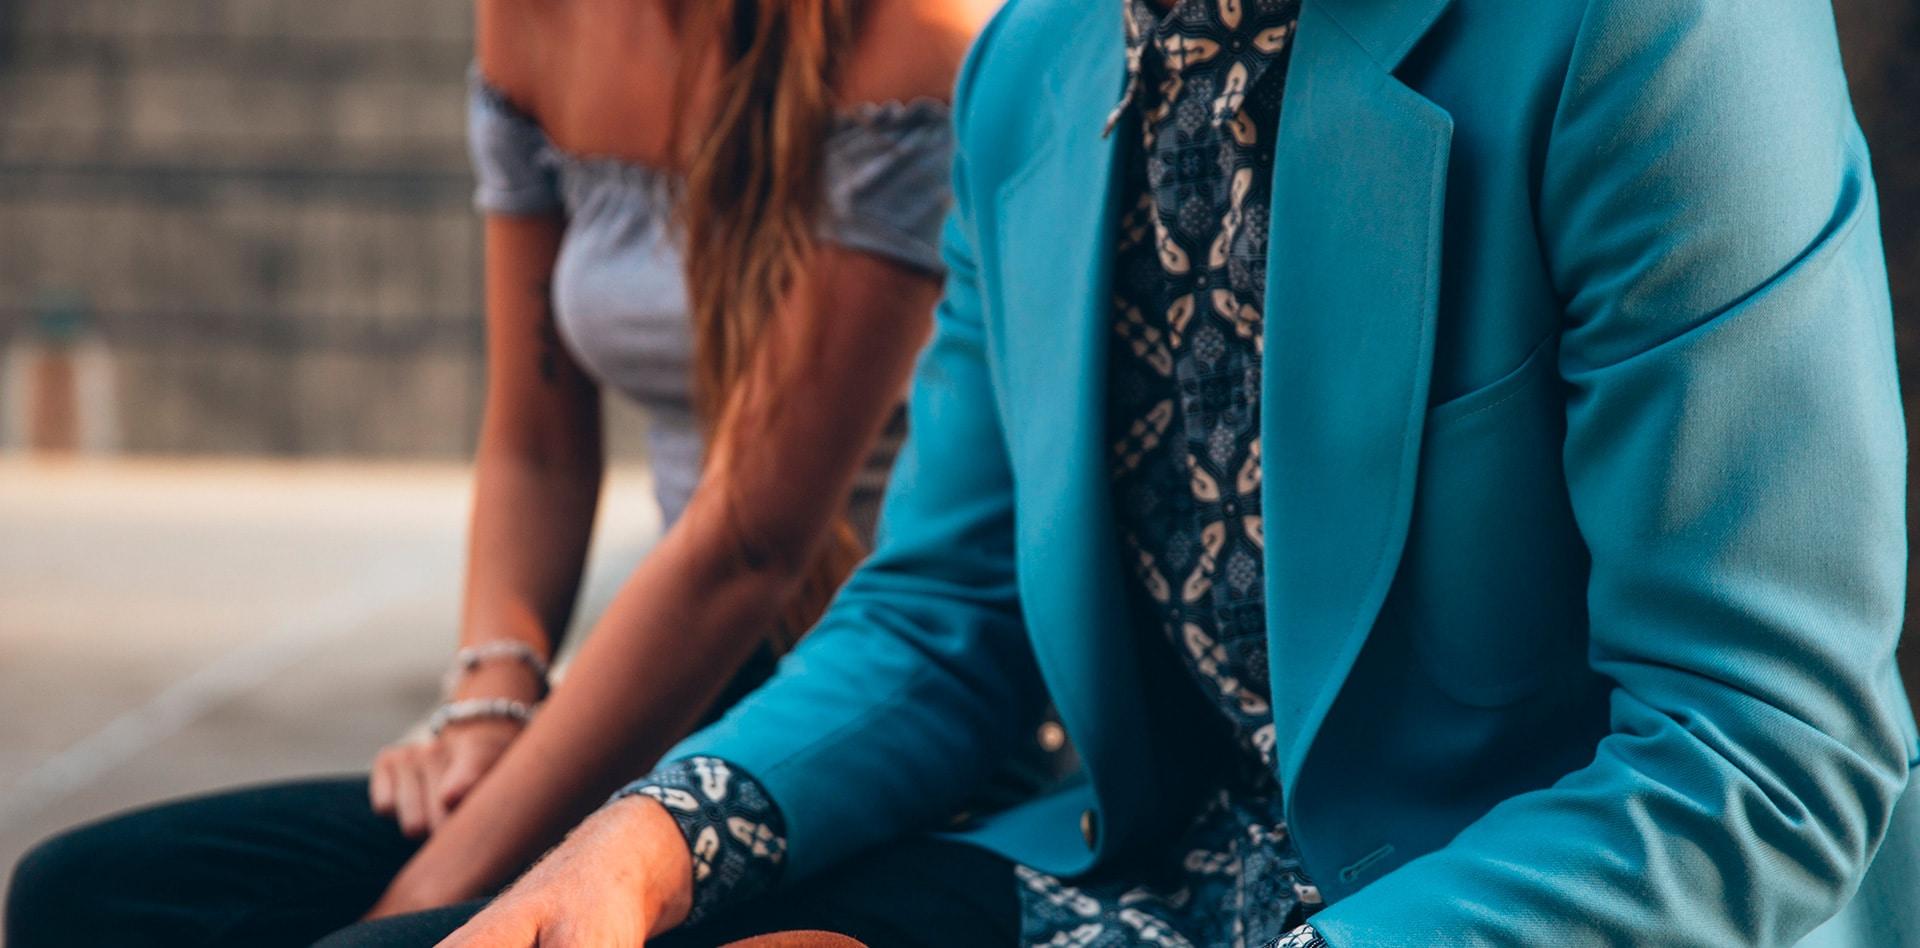 les expertises en influence et brand content de l'agence Harmonia Luxus